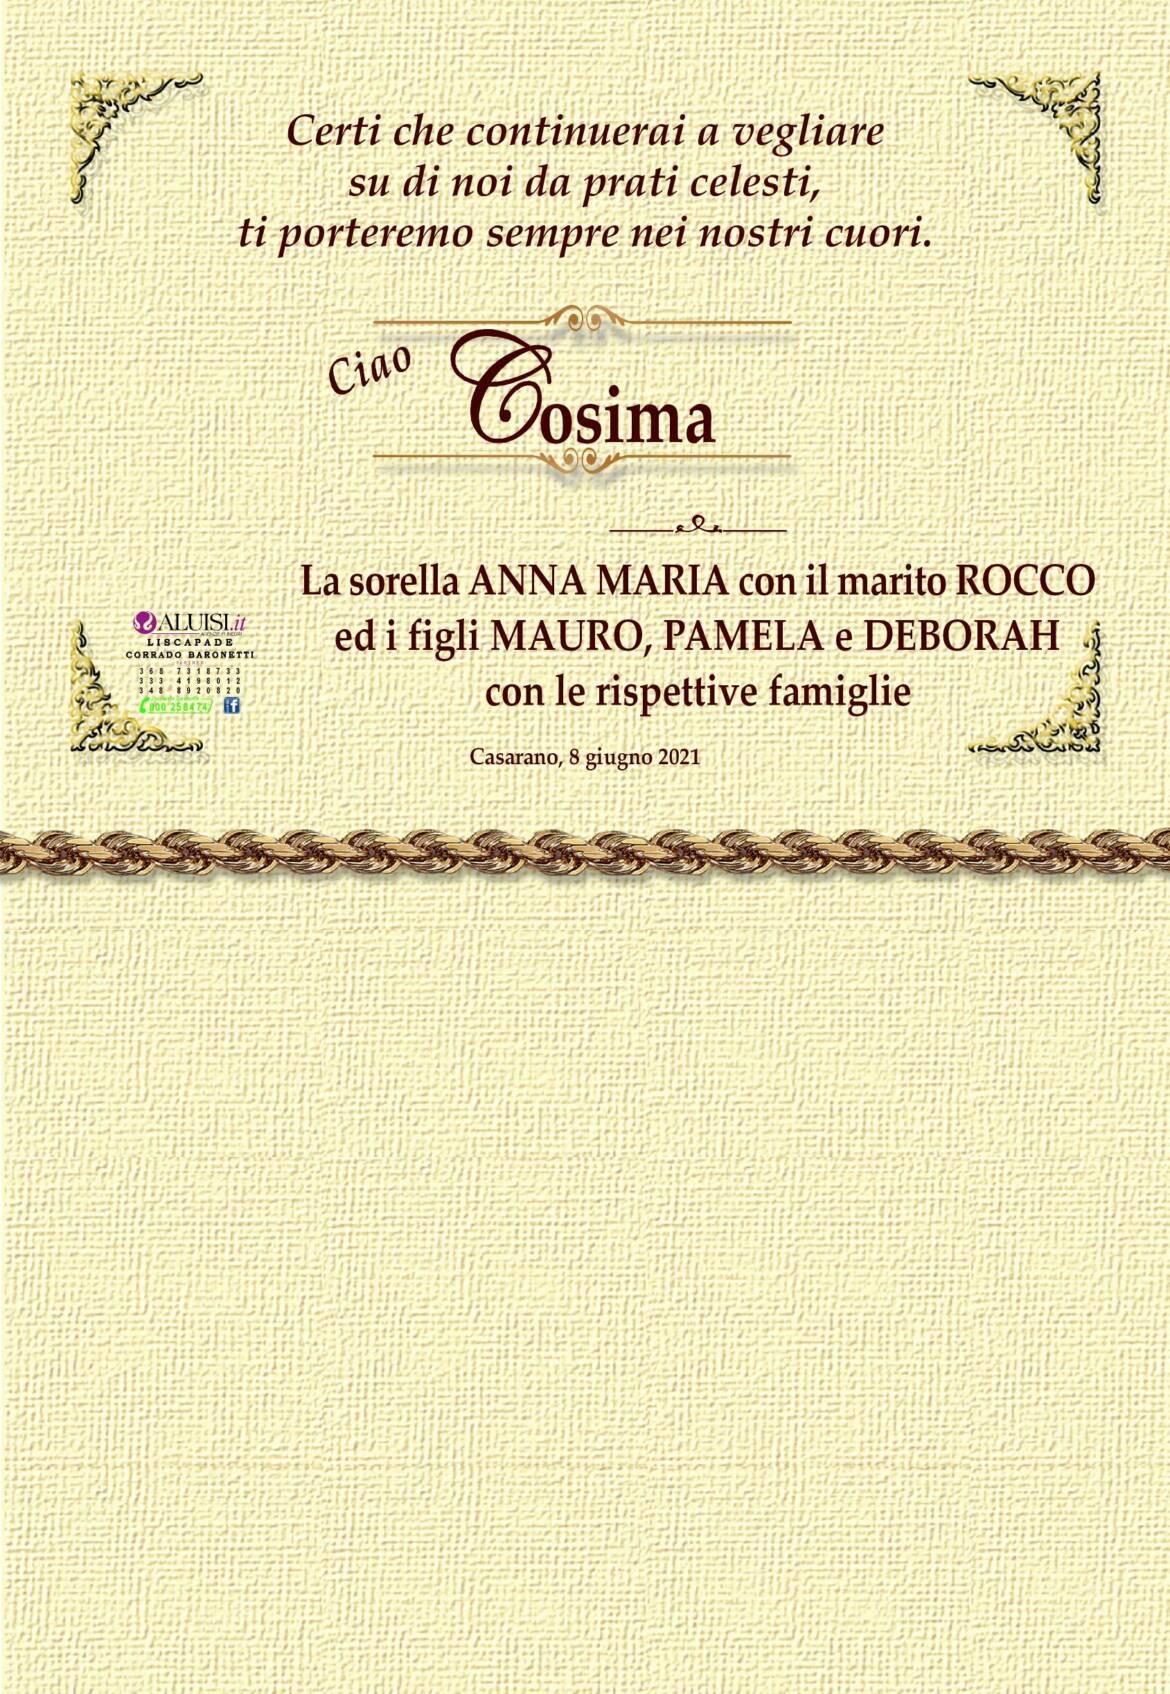 PARTECIPAZIONE-COSIMA-CAVALERA-CASARANO-1.jpg